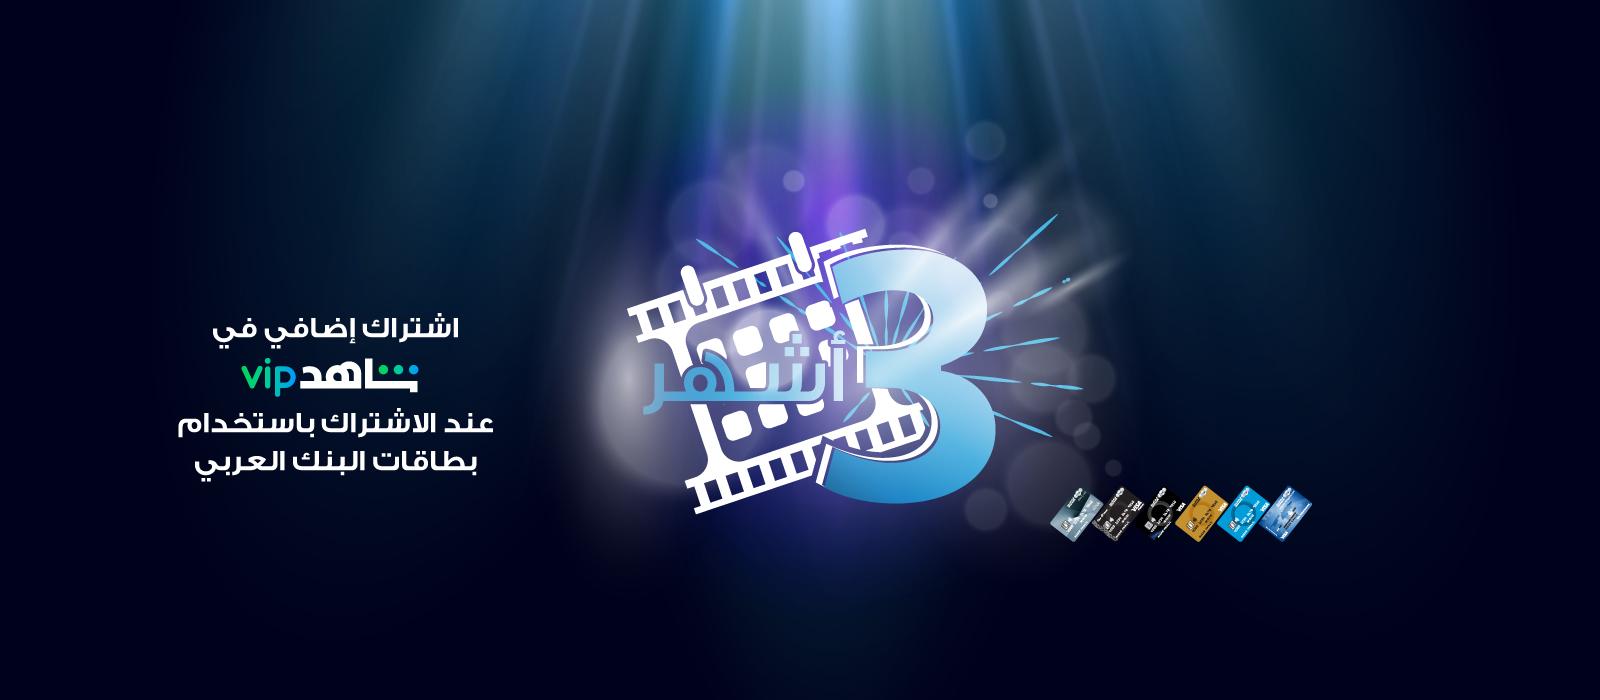 Website-Banner-1600x700-Egypt-A